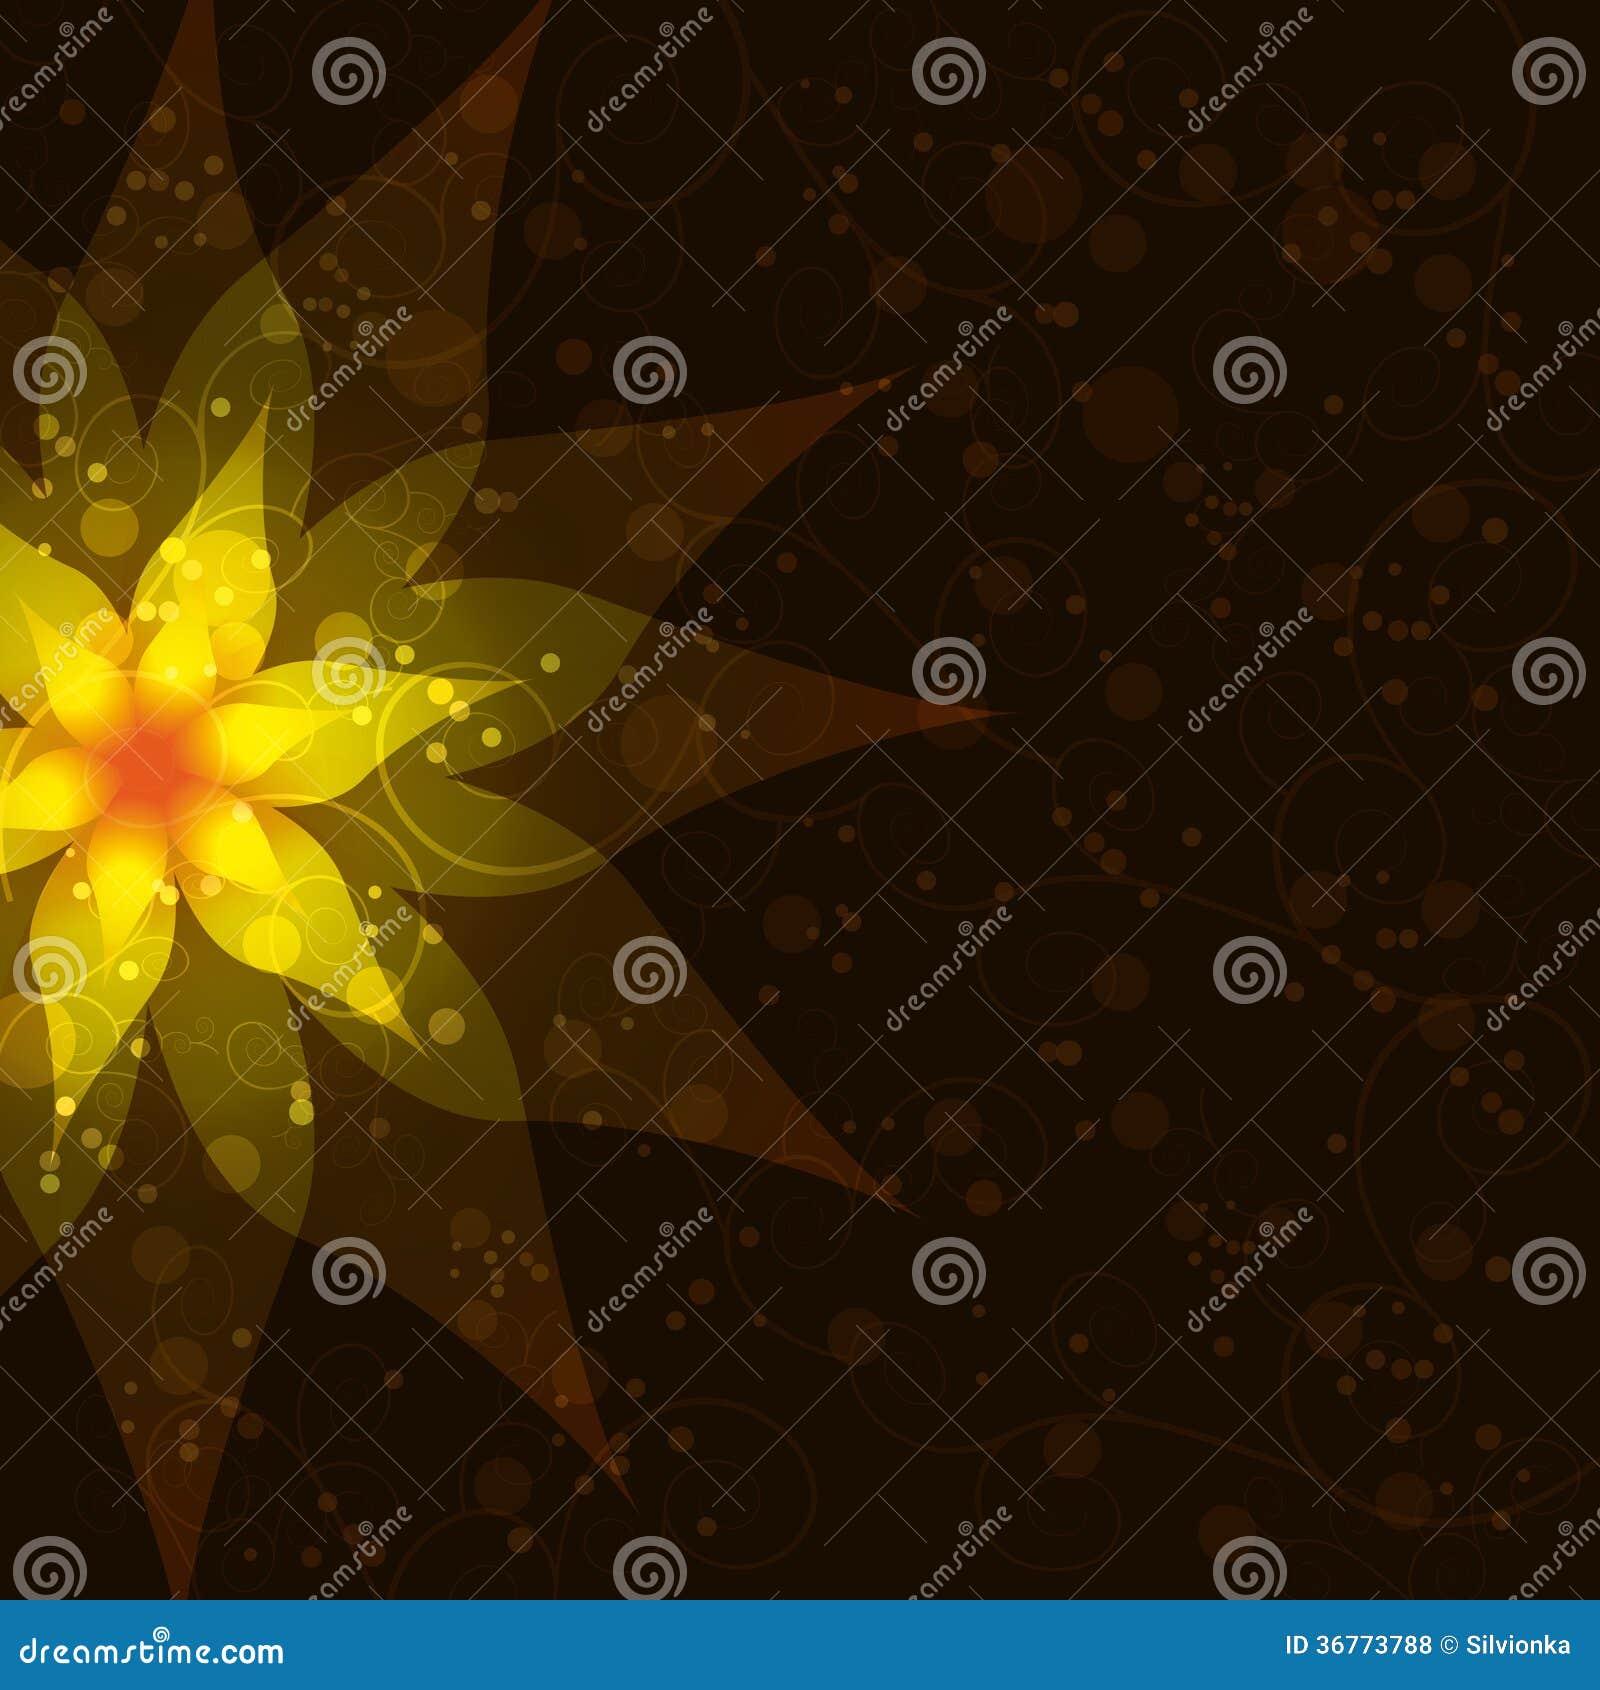 Bloemen abstracte donkere achtergrond, uitnodiging of gre